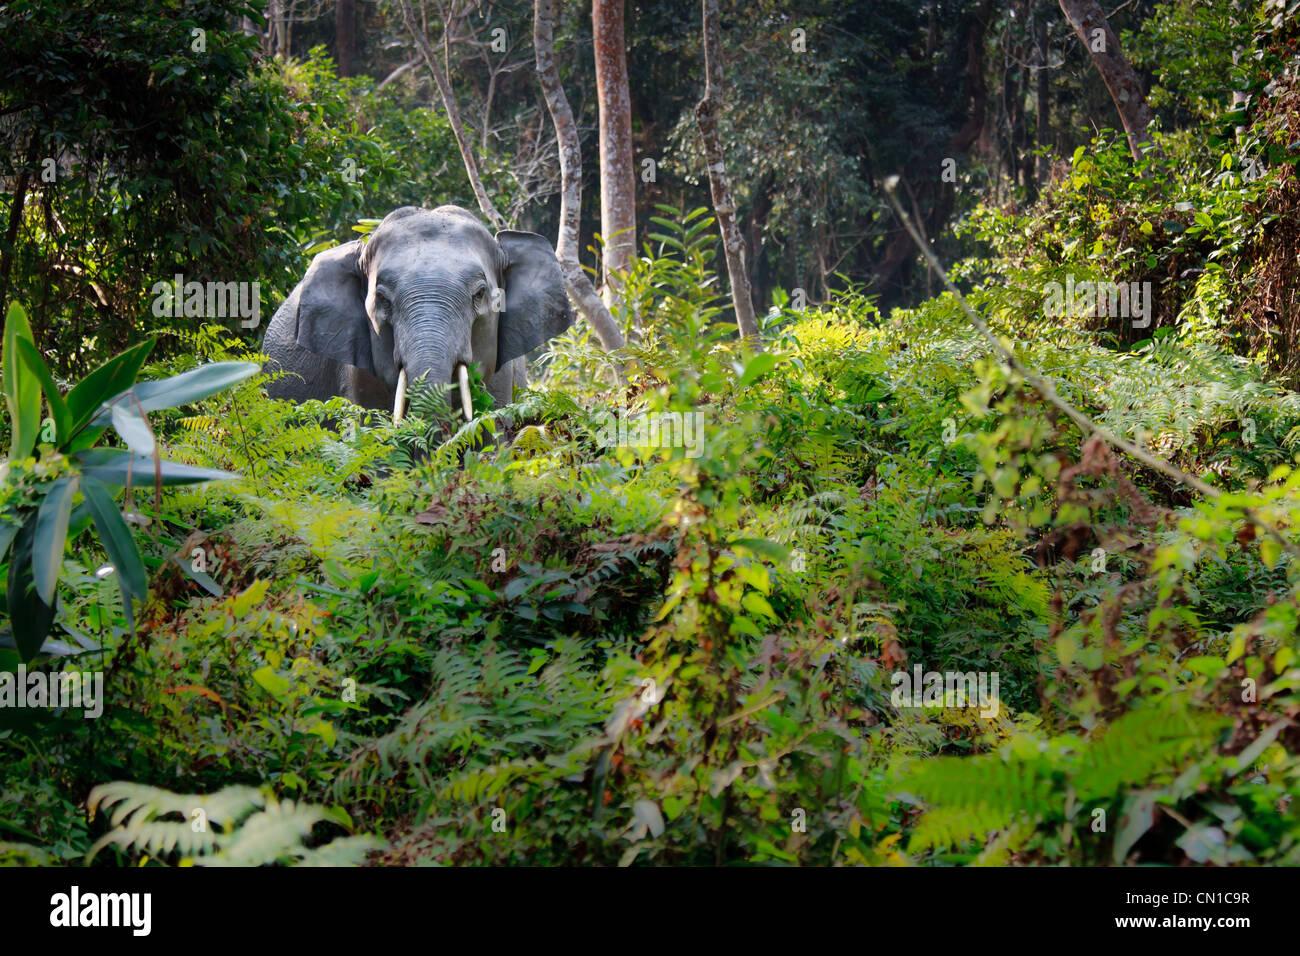 Les Indiens sauvages éléphant (Elephas maximus indicus) debout dans la forêt, de l'Assam, Inde Photo Stock